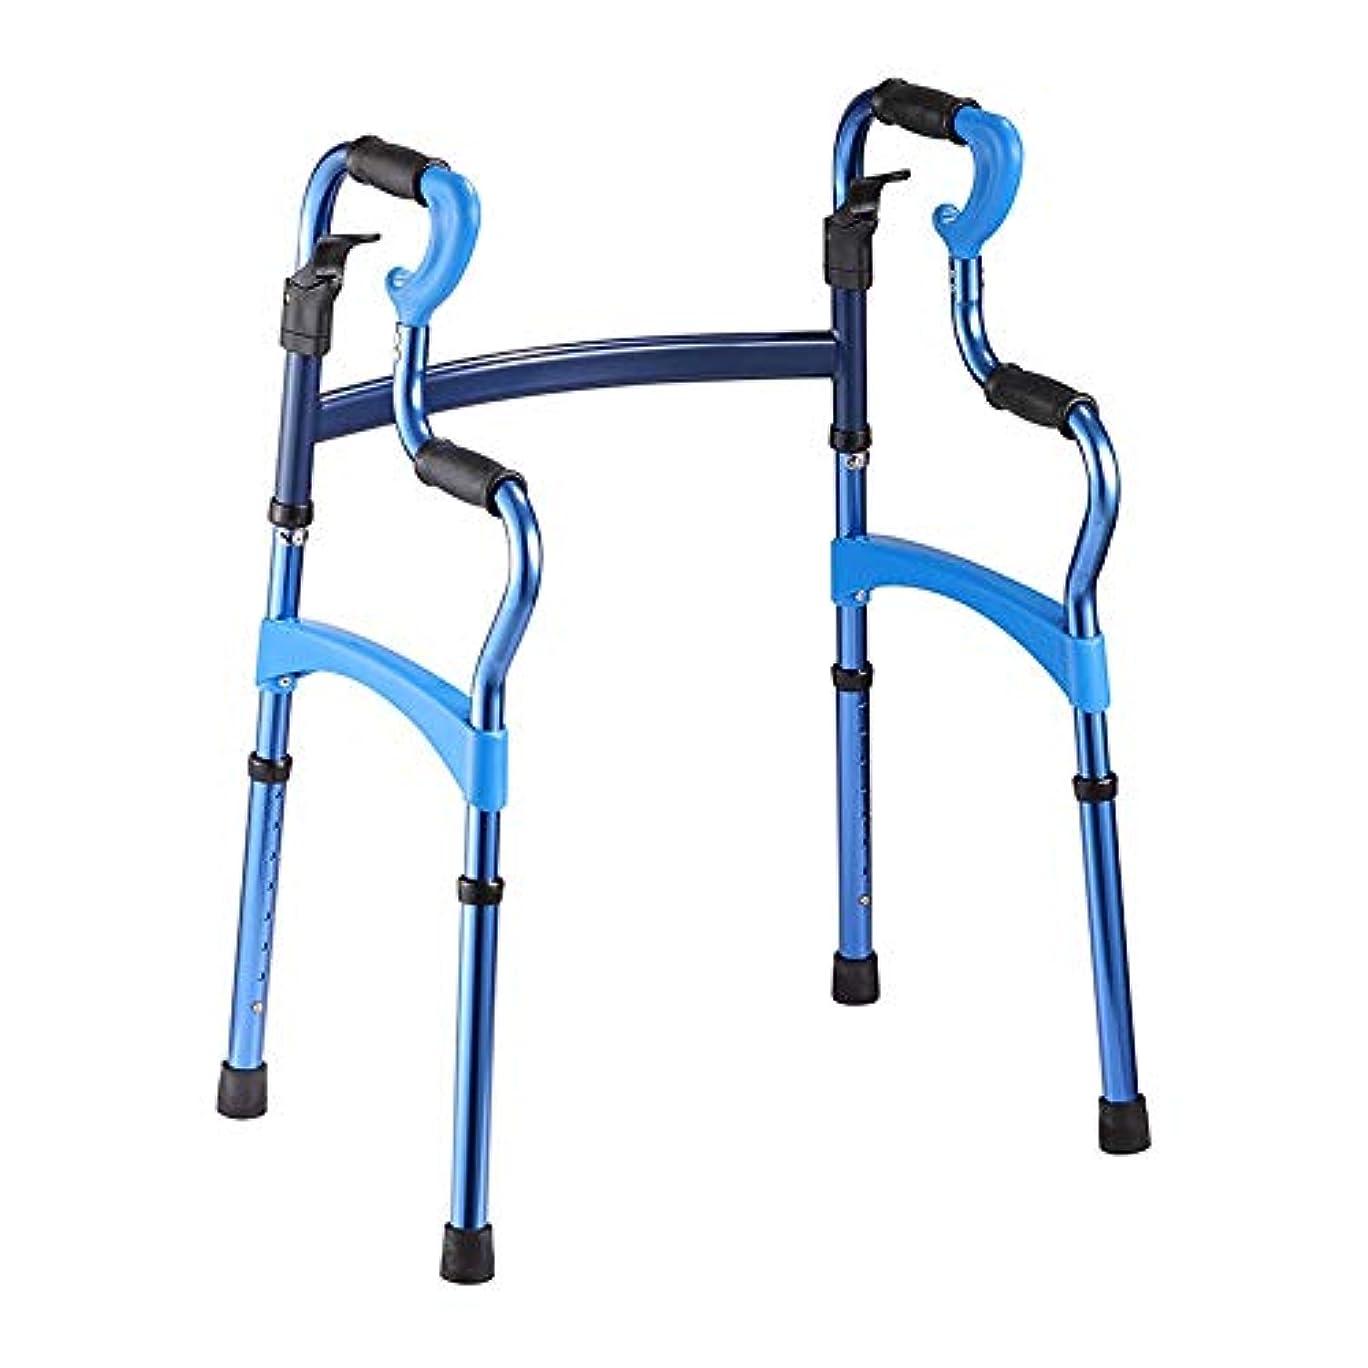 少年つぶやき少年高齢者、障害者、障害者、または負傷者のための調整可能な折りたたみ歩行補助具、軽量で調整可能な移動補助具